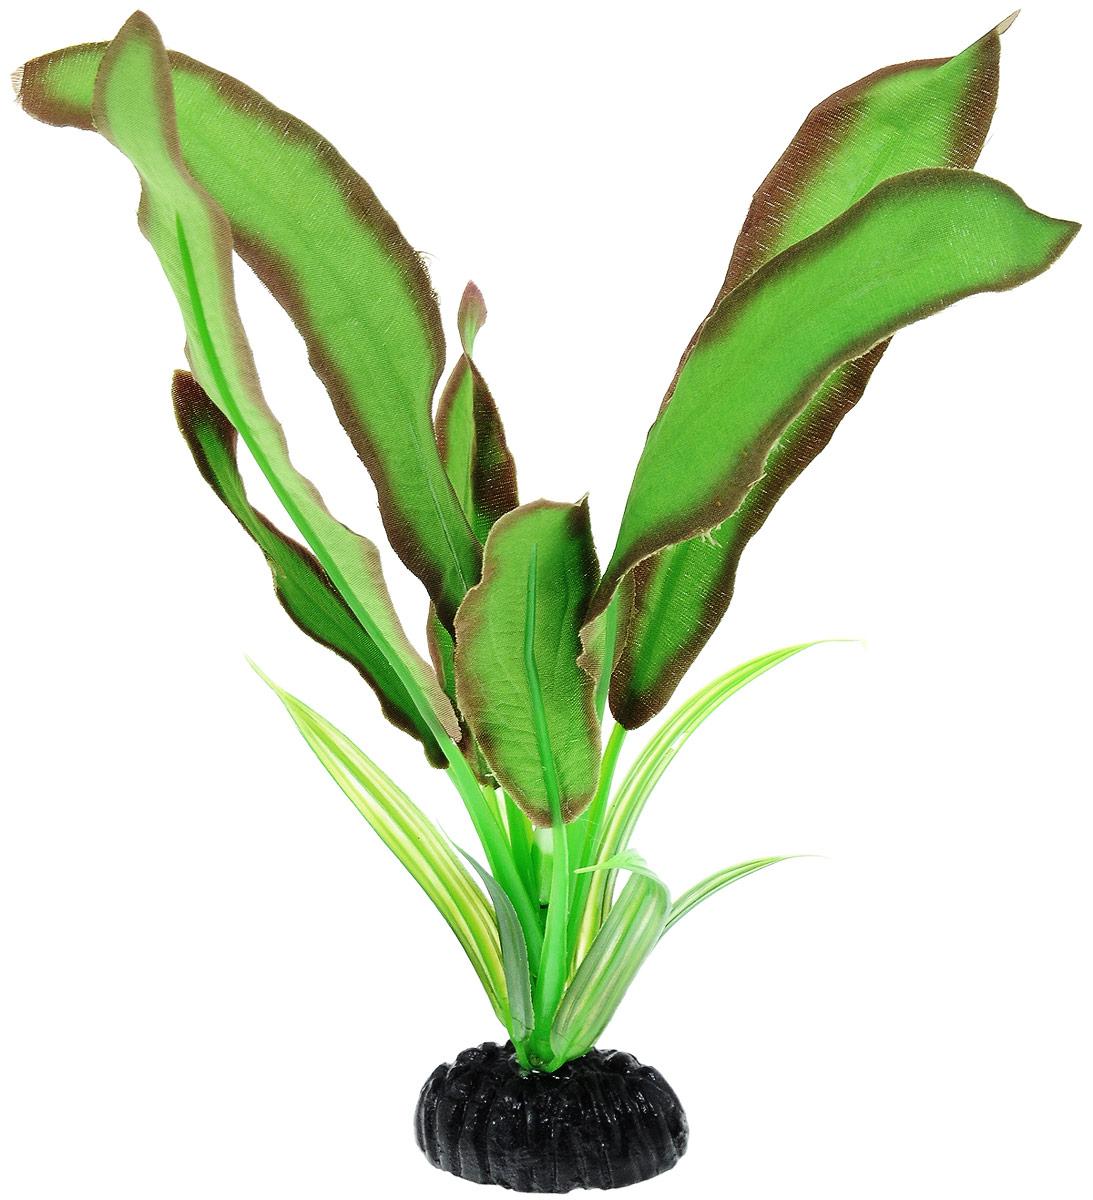 Растение для аквариума Barbus Эхинодорус Бартхи, шелковое, цвет: зеленый, коричневый, высота 20 см0120710Растение для аквариума Barbus Эхинодорус Бартхи, выполненное из высококачественного нетоксичного пластика и шелка, станет прекрасным украшением вашего аквариума. Шелковое растение идеально подходит для дизайна всех видов аквариумов. В воде происходит абсолютная имитация живых растений. Изделие не требует дополнительного ухода и просто в применении.Растение абсолютно безопасно, нейтрально к водному балансу, устойчиво к истиранию краски, подходит как для пресноводного, так и для морского аквариума. Растение для аквариума Barbus Эхинодорус Бартхи поможет вам смоделировать потрясающий пейзаж на дне вашего аквариума или террариума.